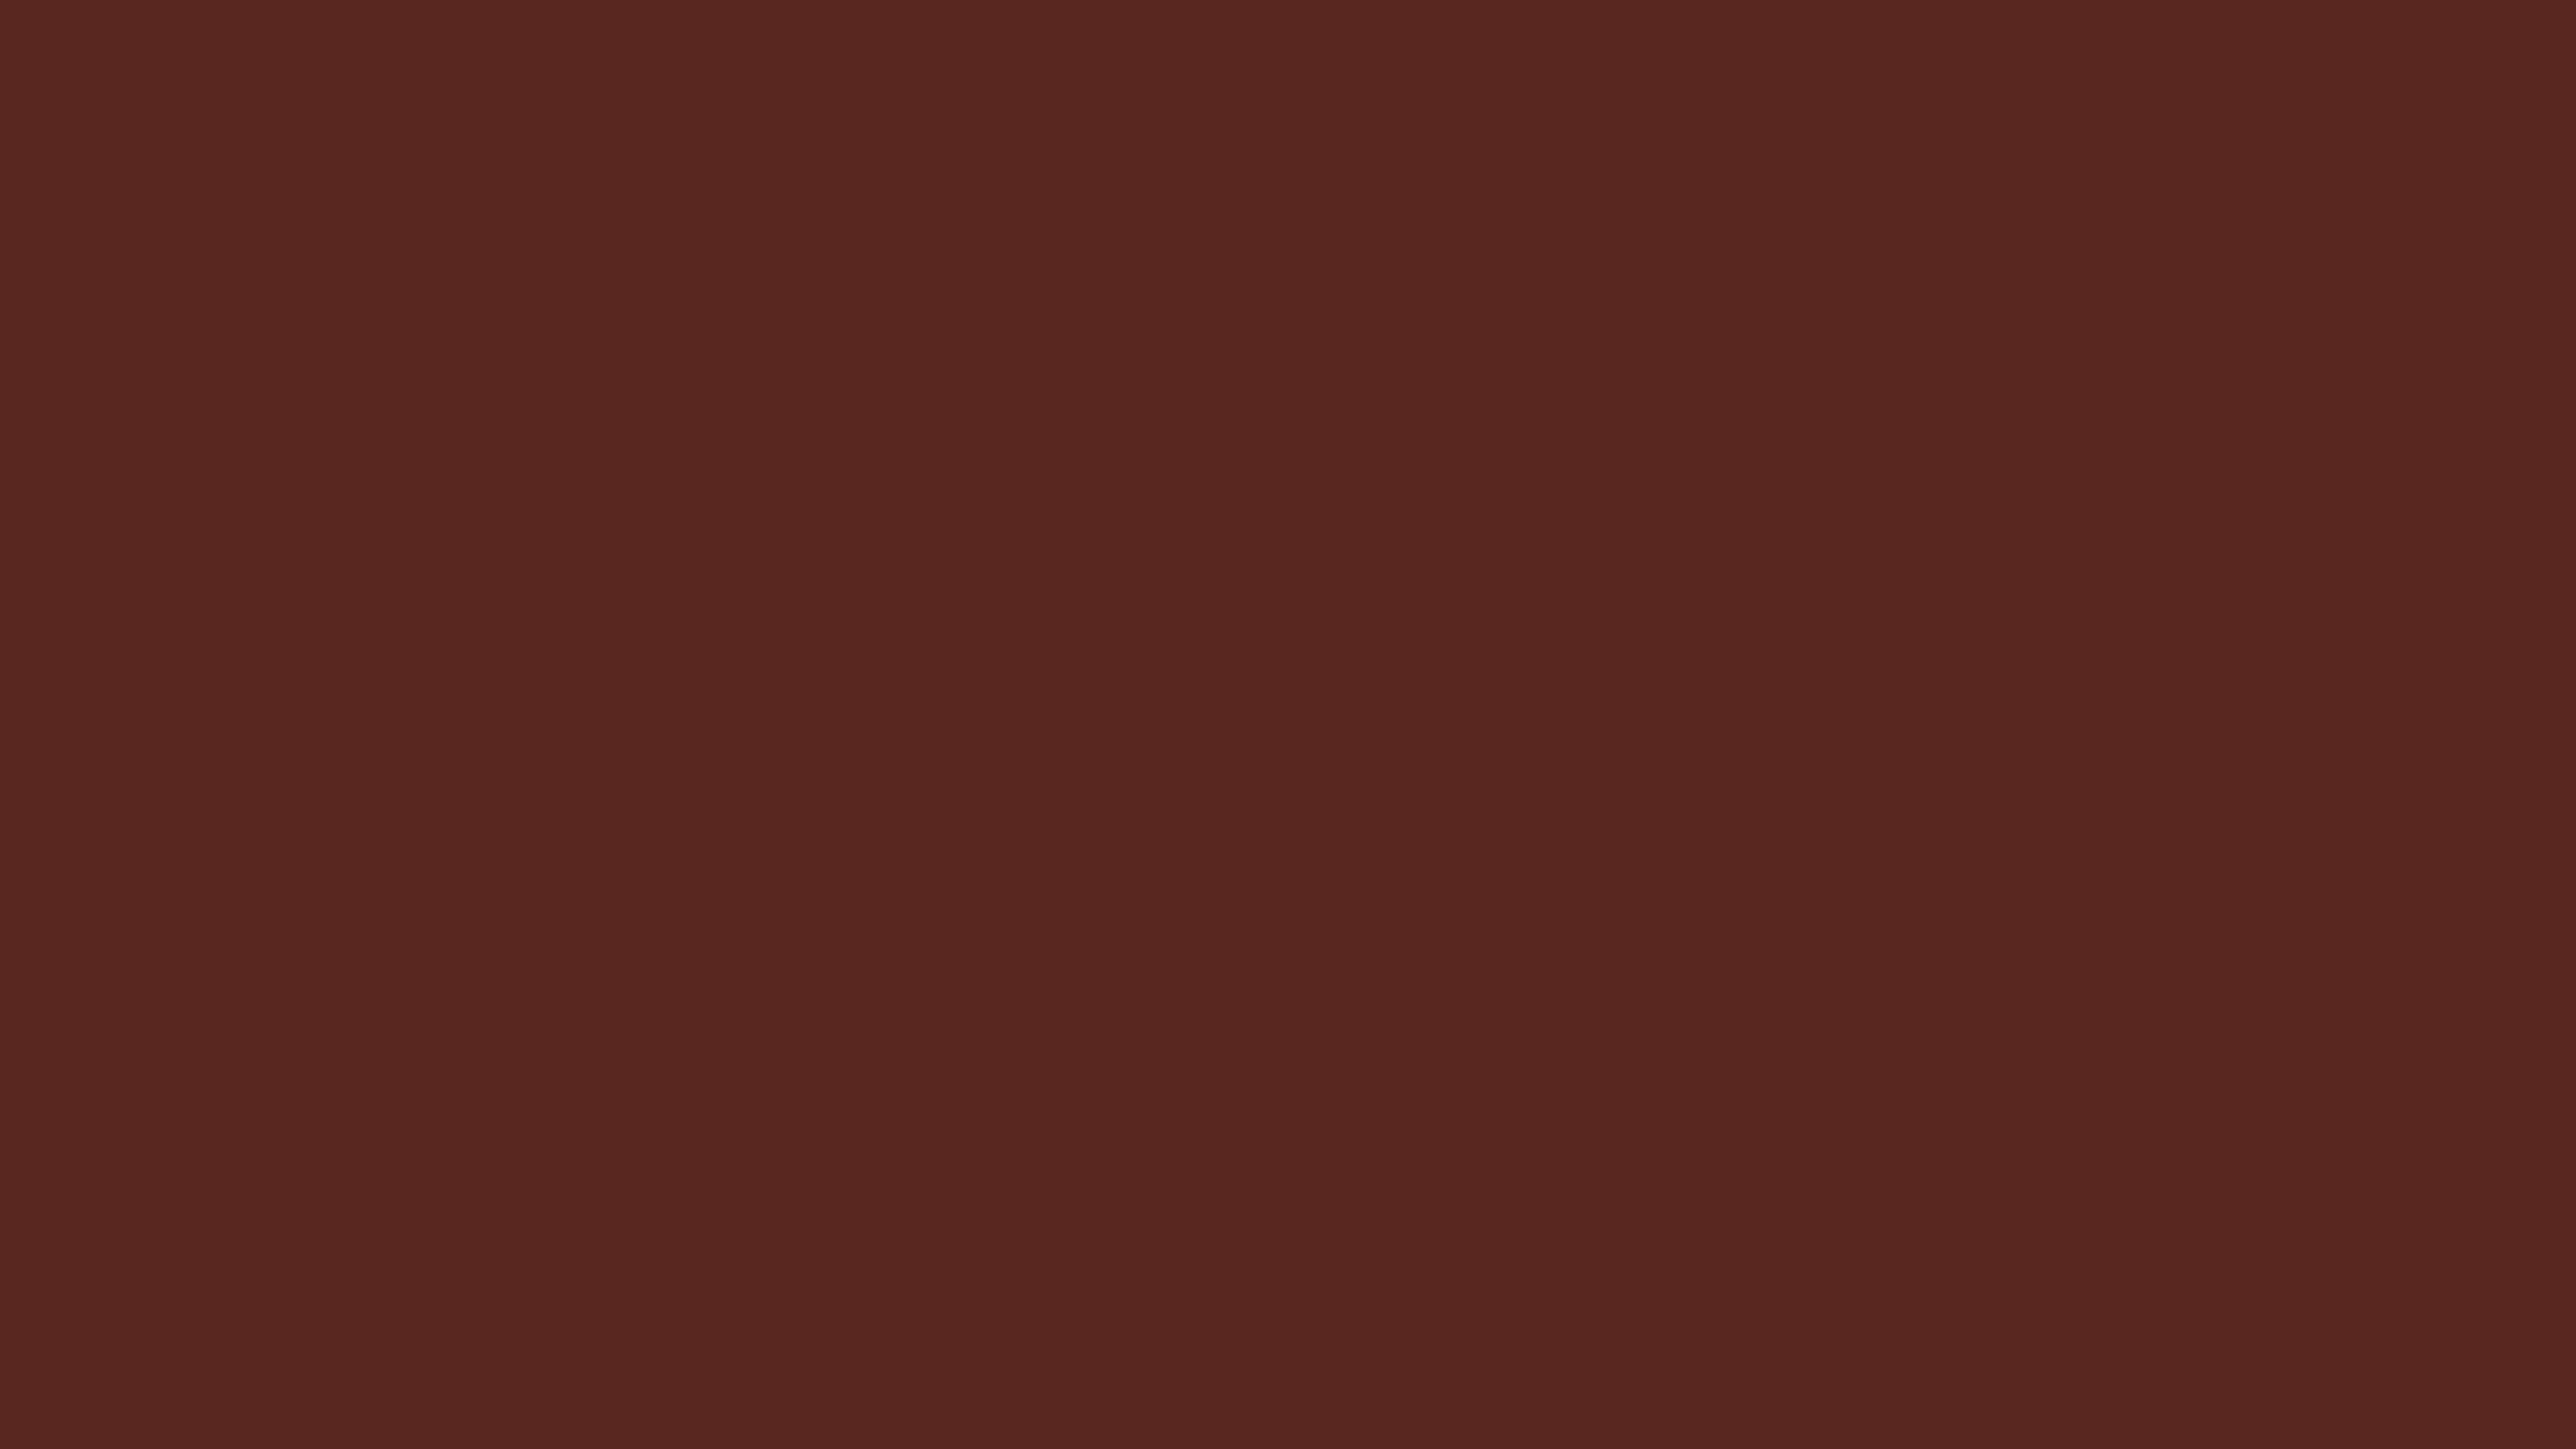 3840x2160 Caput Mortuum Solid Color Background